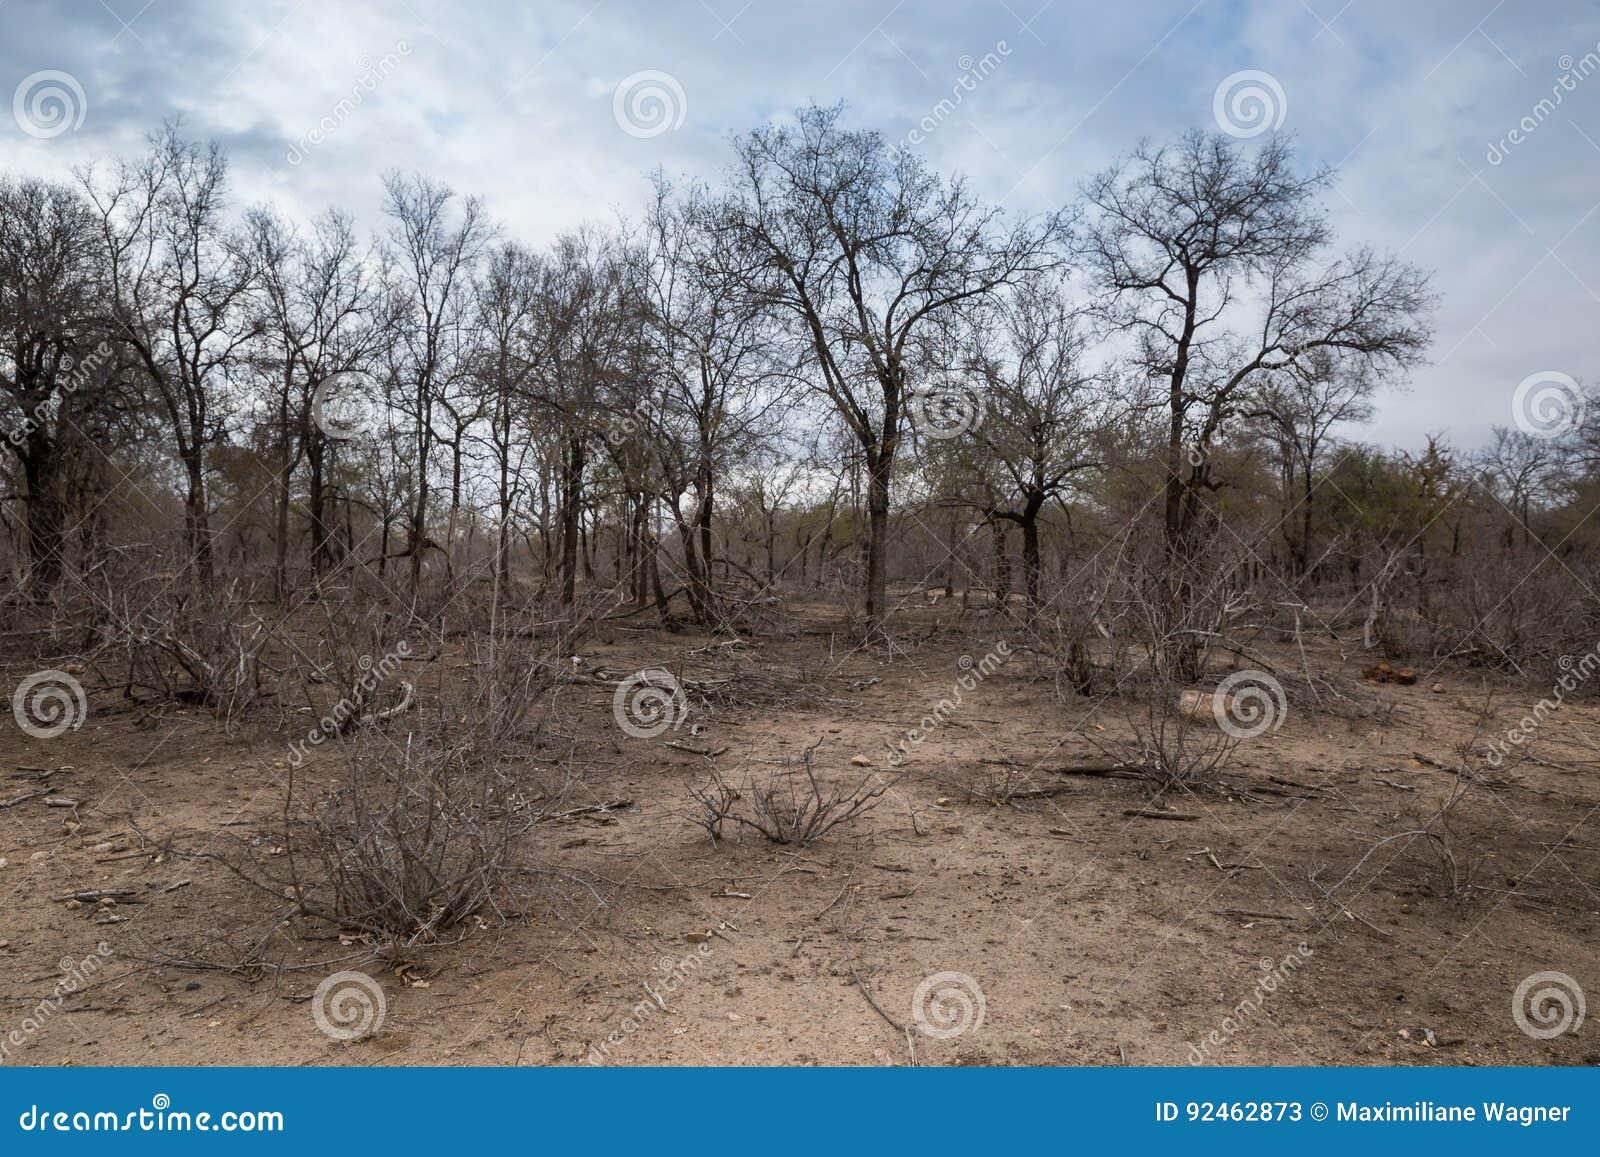 La savane africaine de sécheresse avec les arbres morts, Kruger, Afrique du Sud